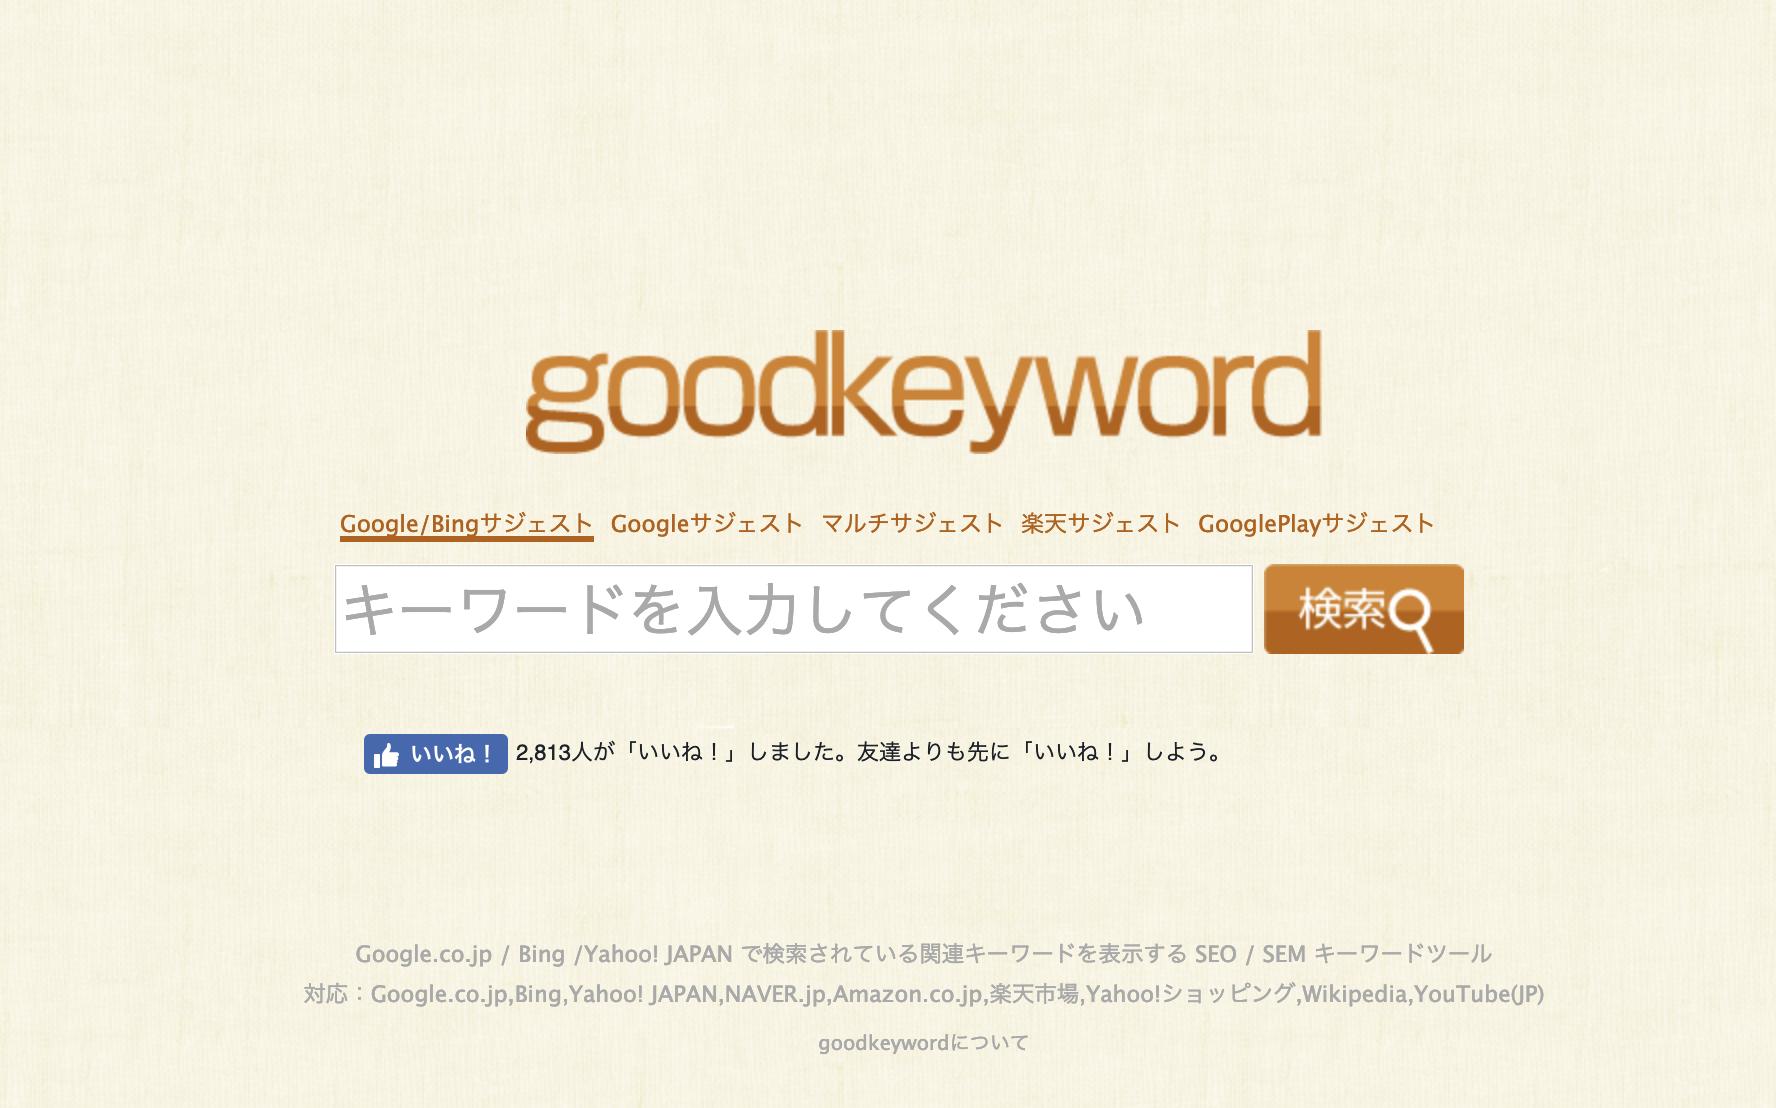 goodkeywordサイト画像